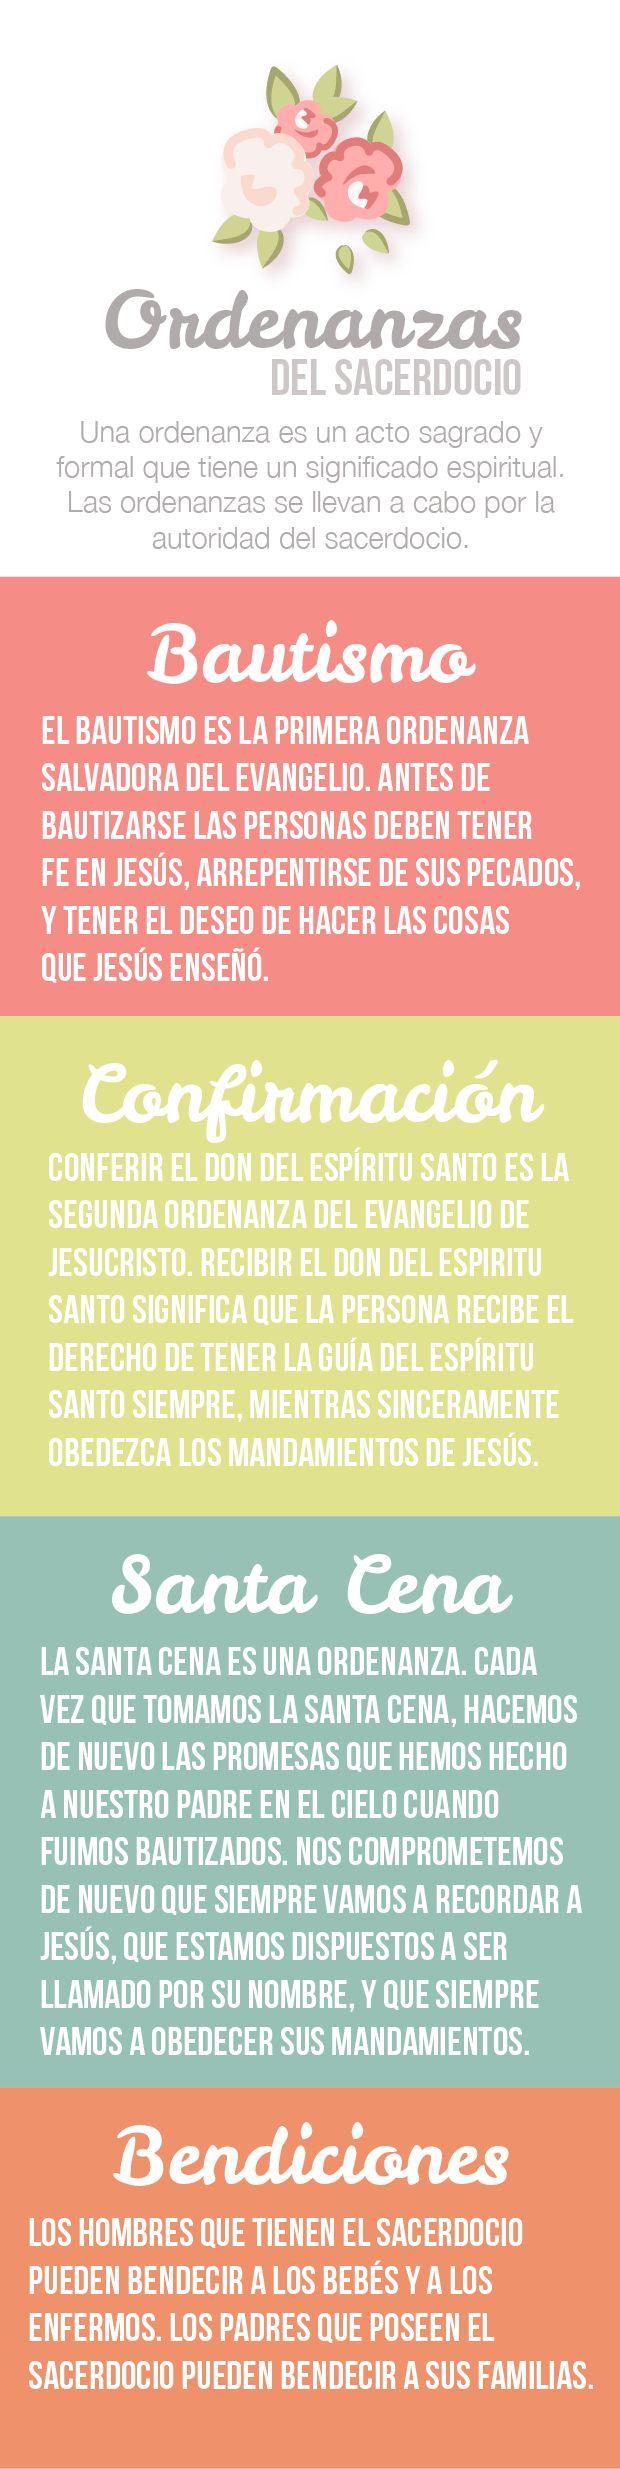 Ideas y ayudas visuales para enseñar sobre las ordenanzas en Ven, Sígueme. Las ordenanzas nos ayudan a recordar quiénes somos y nos recuerdan nuestra relación con Dios. Nos ayudan a venir a Cristo y a recibir la vida eterna.